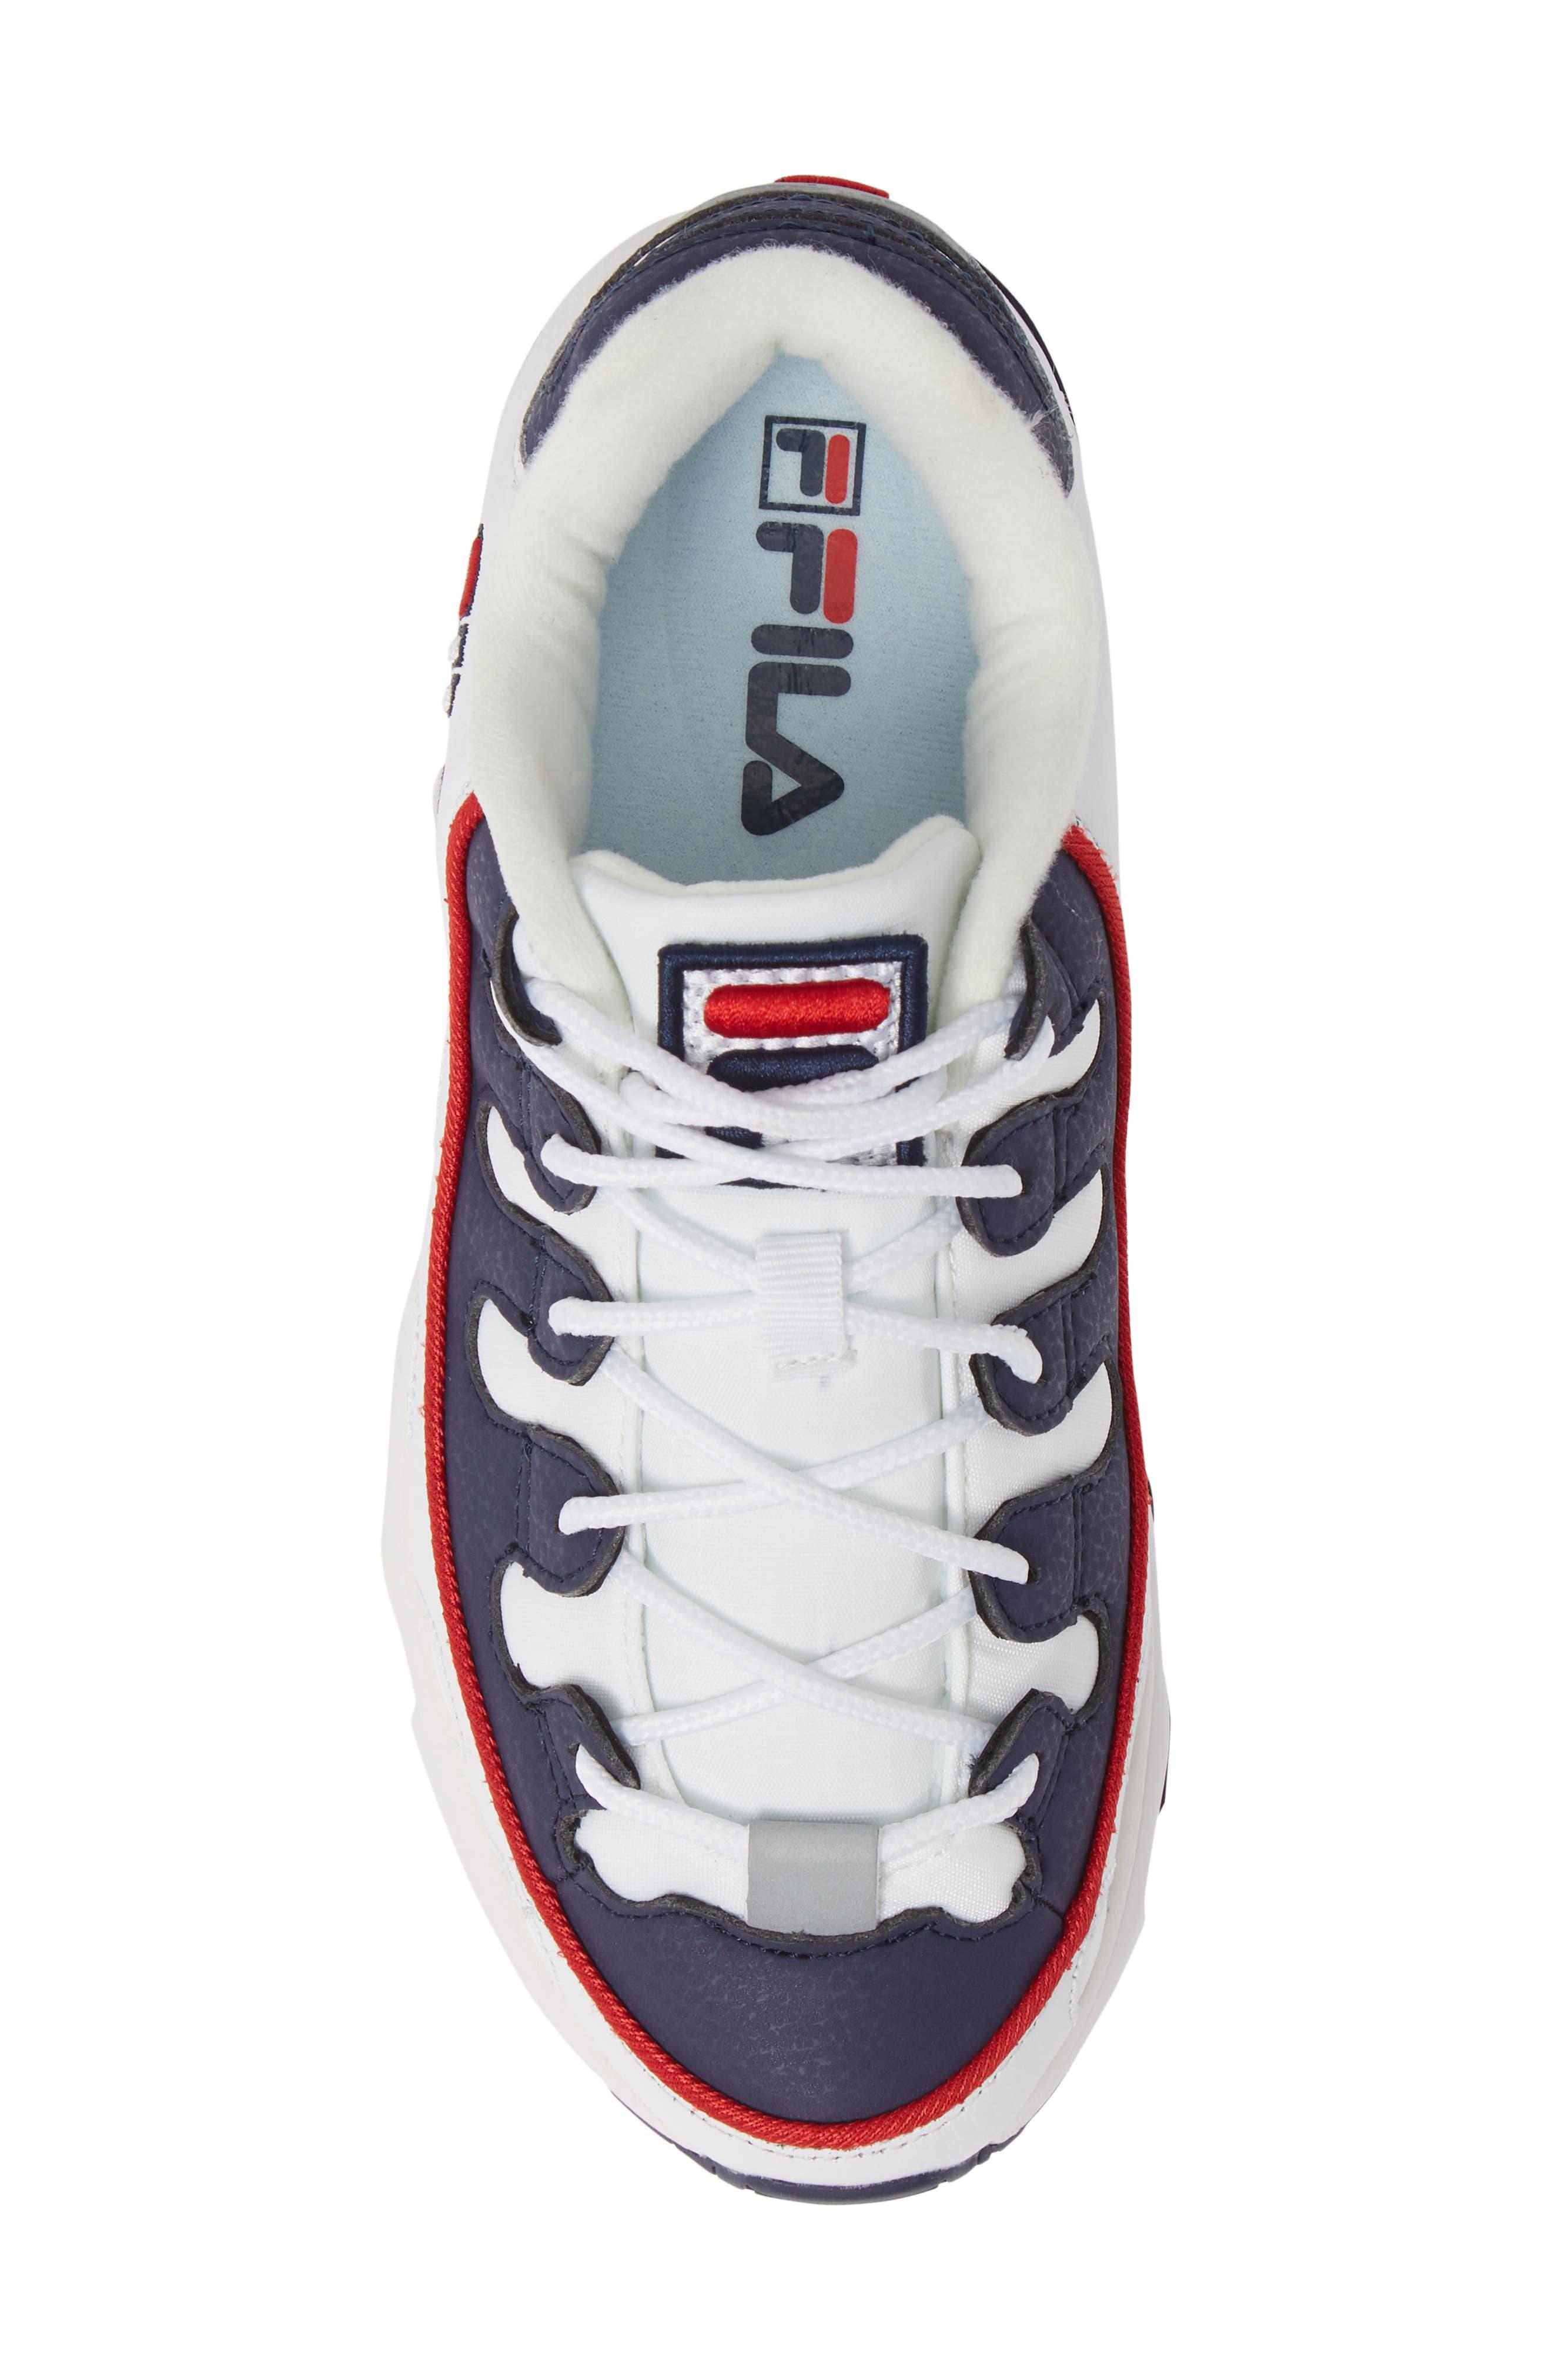 Silva Trainer Sneaker,                             Alternate thumbnail 5, color,                             WHITE/ NAVY/ RED